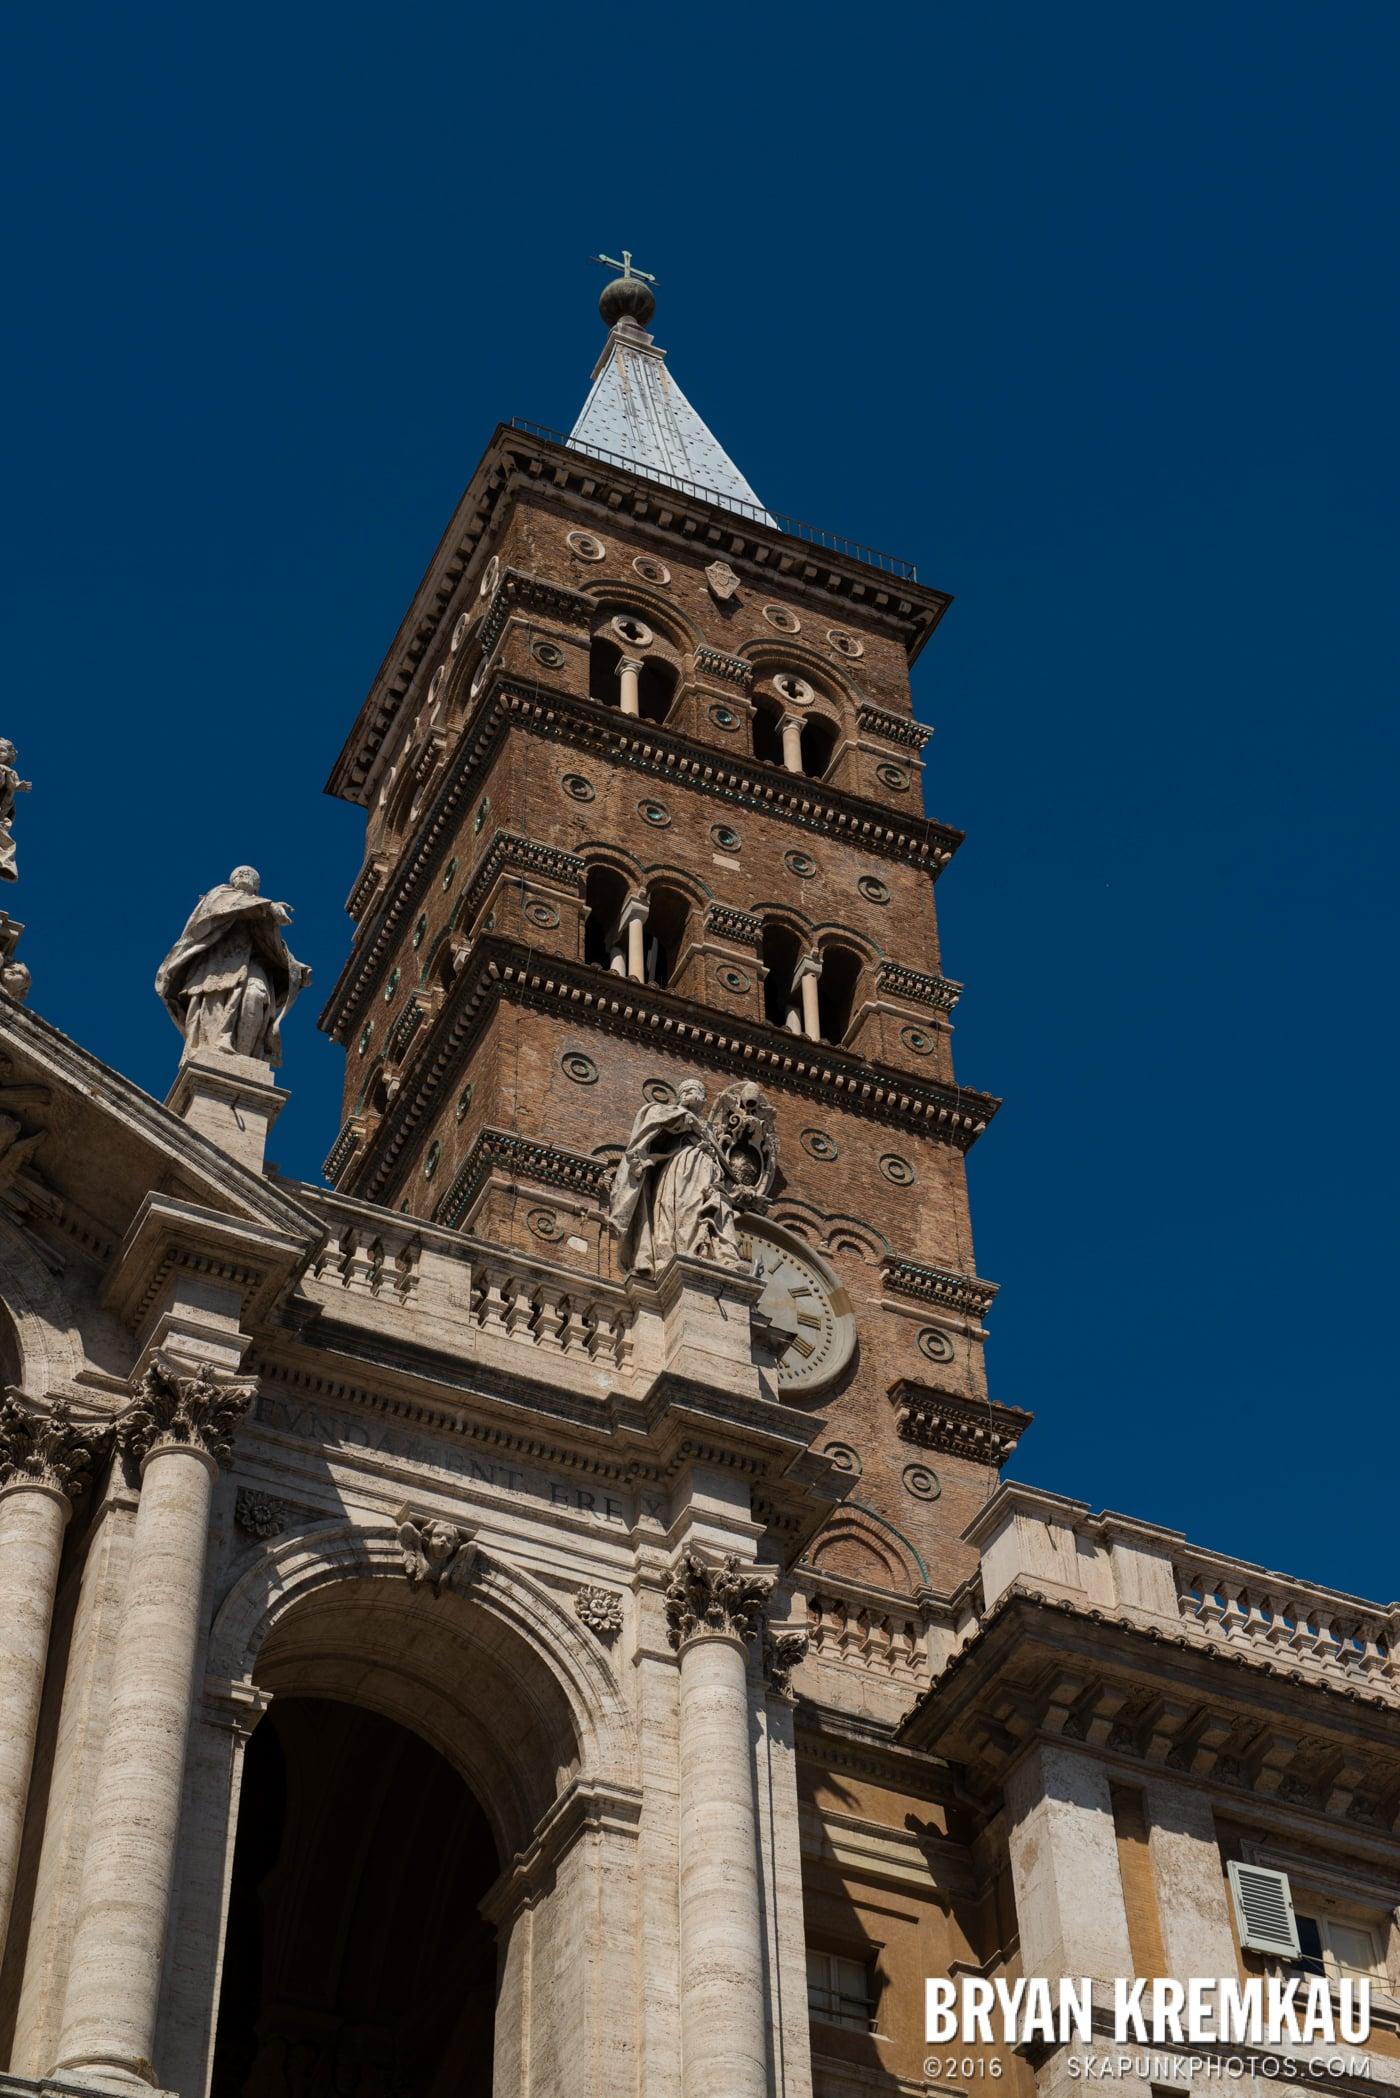 Italy Vacation - Day 12: Rome - 9.20.13 (46)